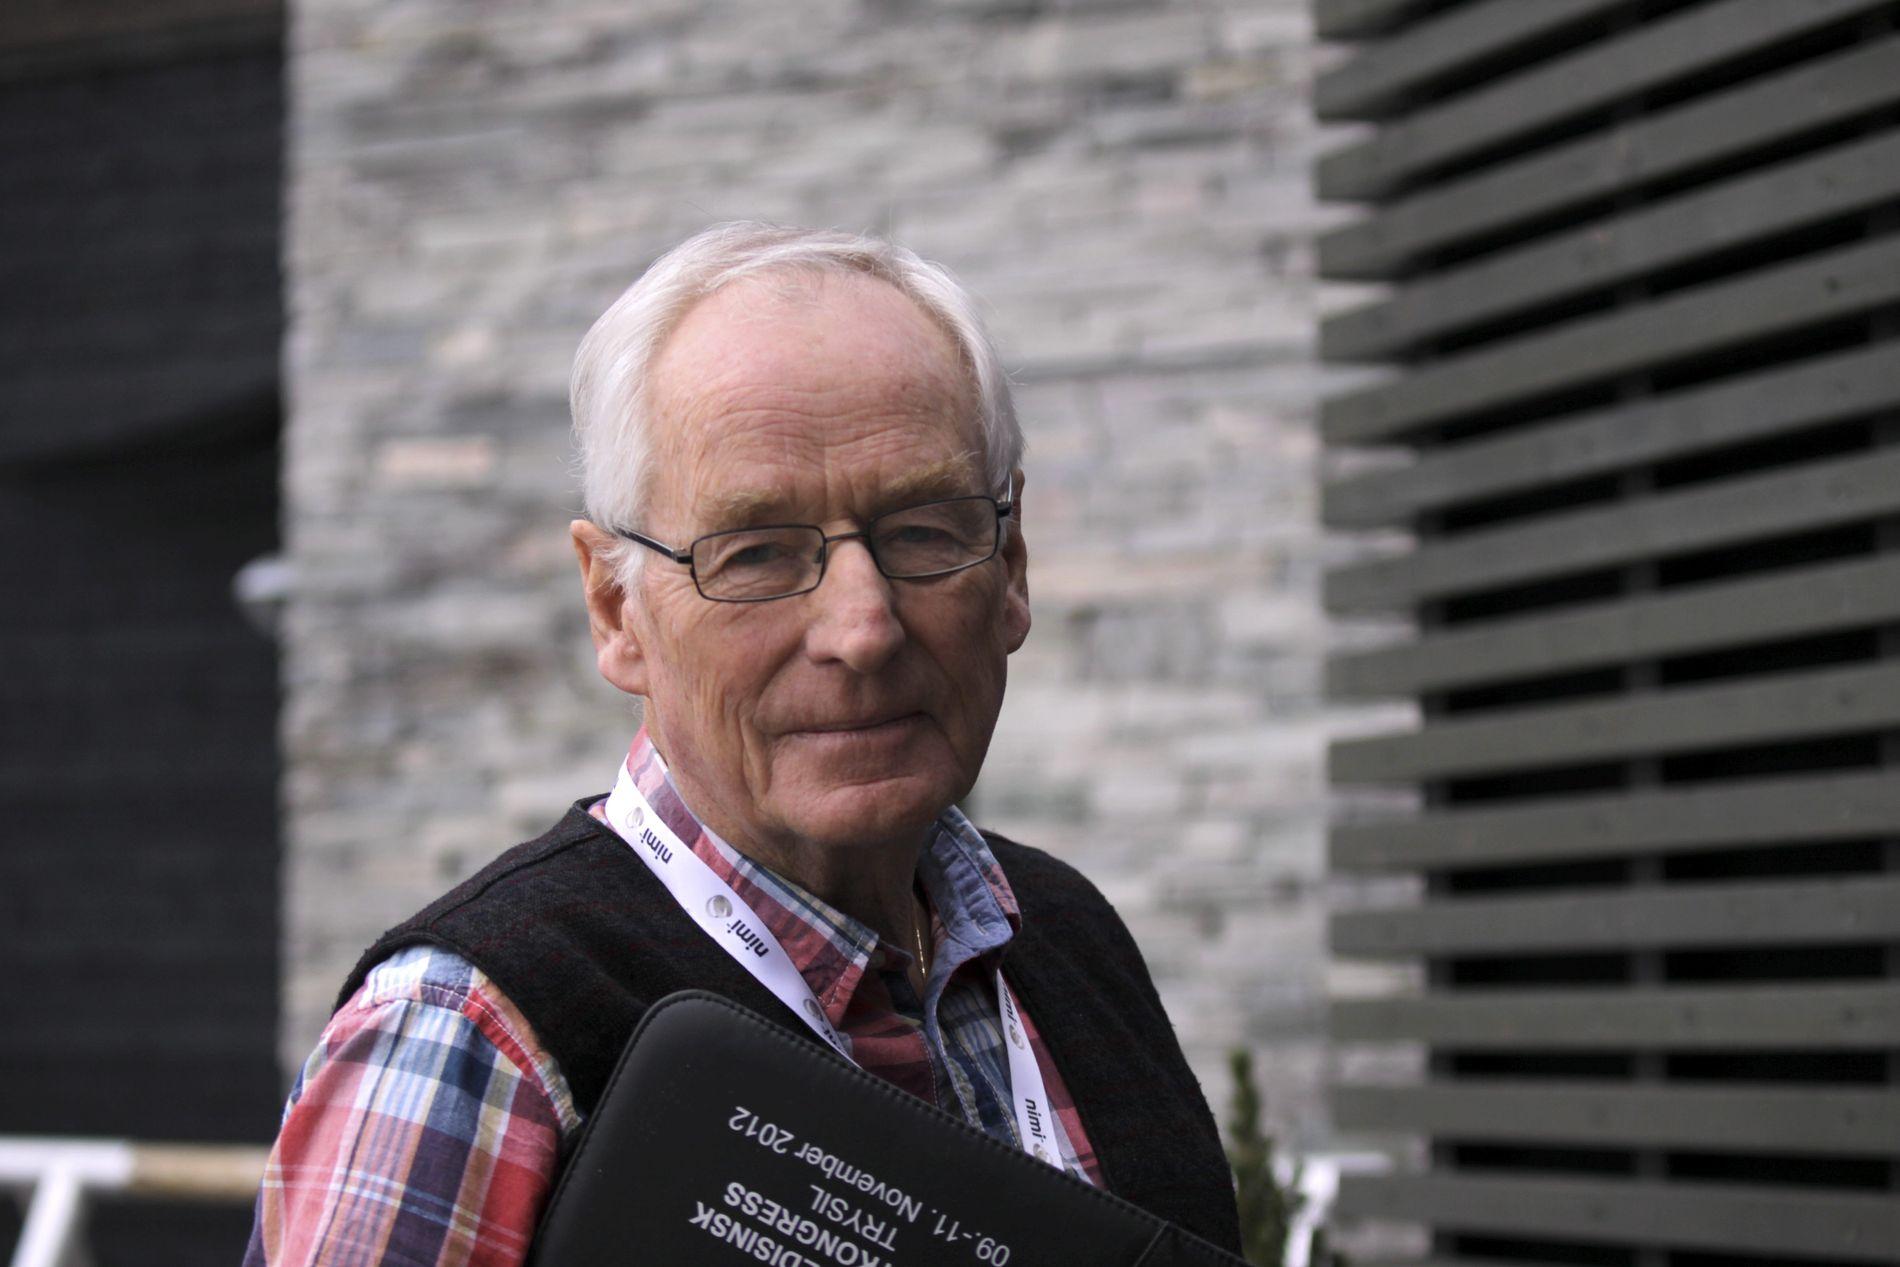 Thor-Øistein Endsjø har vært lege i norsk toppidrett i mange år. Han hevder han var den første til å gi astmamedisin til helt friske utøvere.